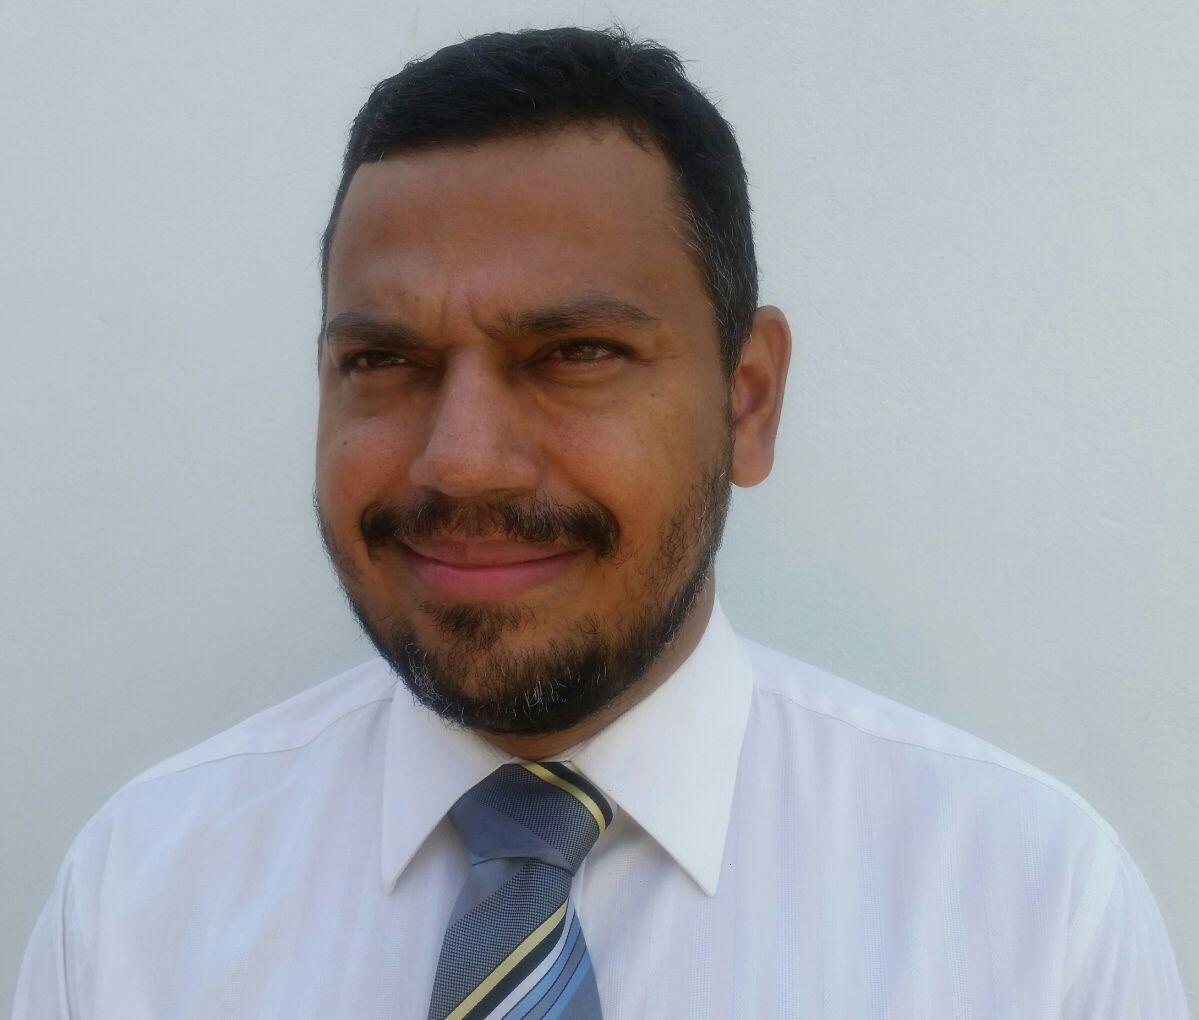 Gérson De Oliveira Nunes with regard to o papel do controlador interno no combate à corrupção nos